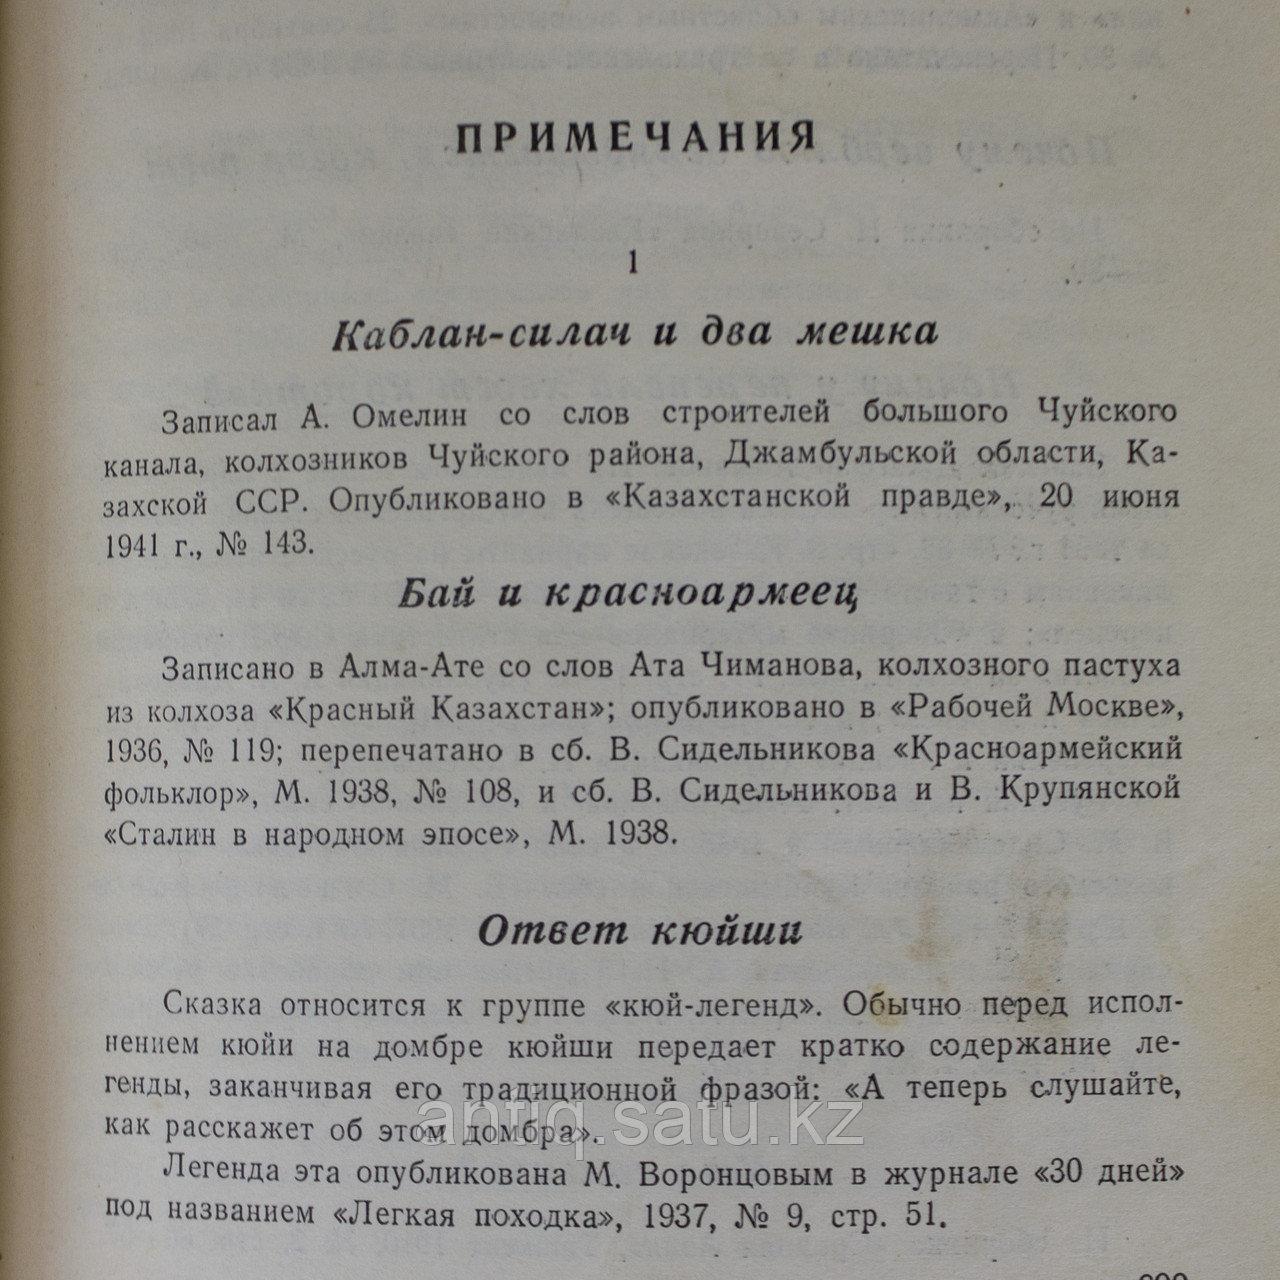 Казахские народные сказки. Перевод под редакцией М. Ауэзова и Н. Анова. Москва 1952 год - фото 6